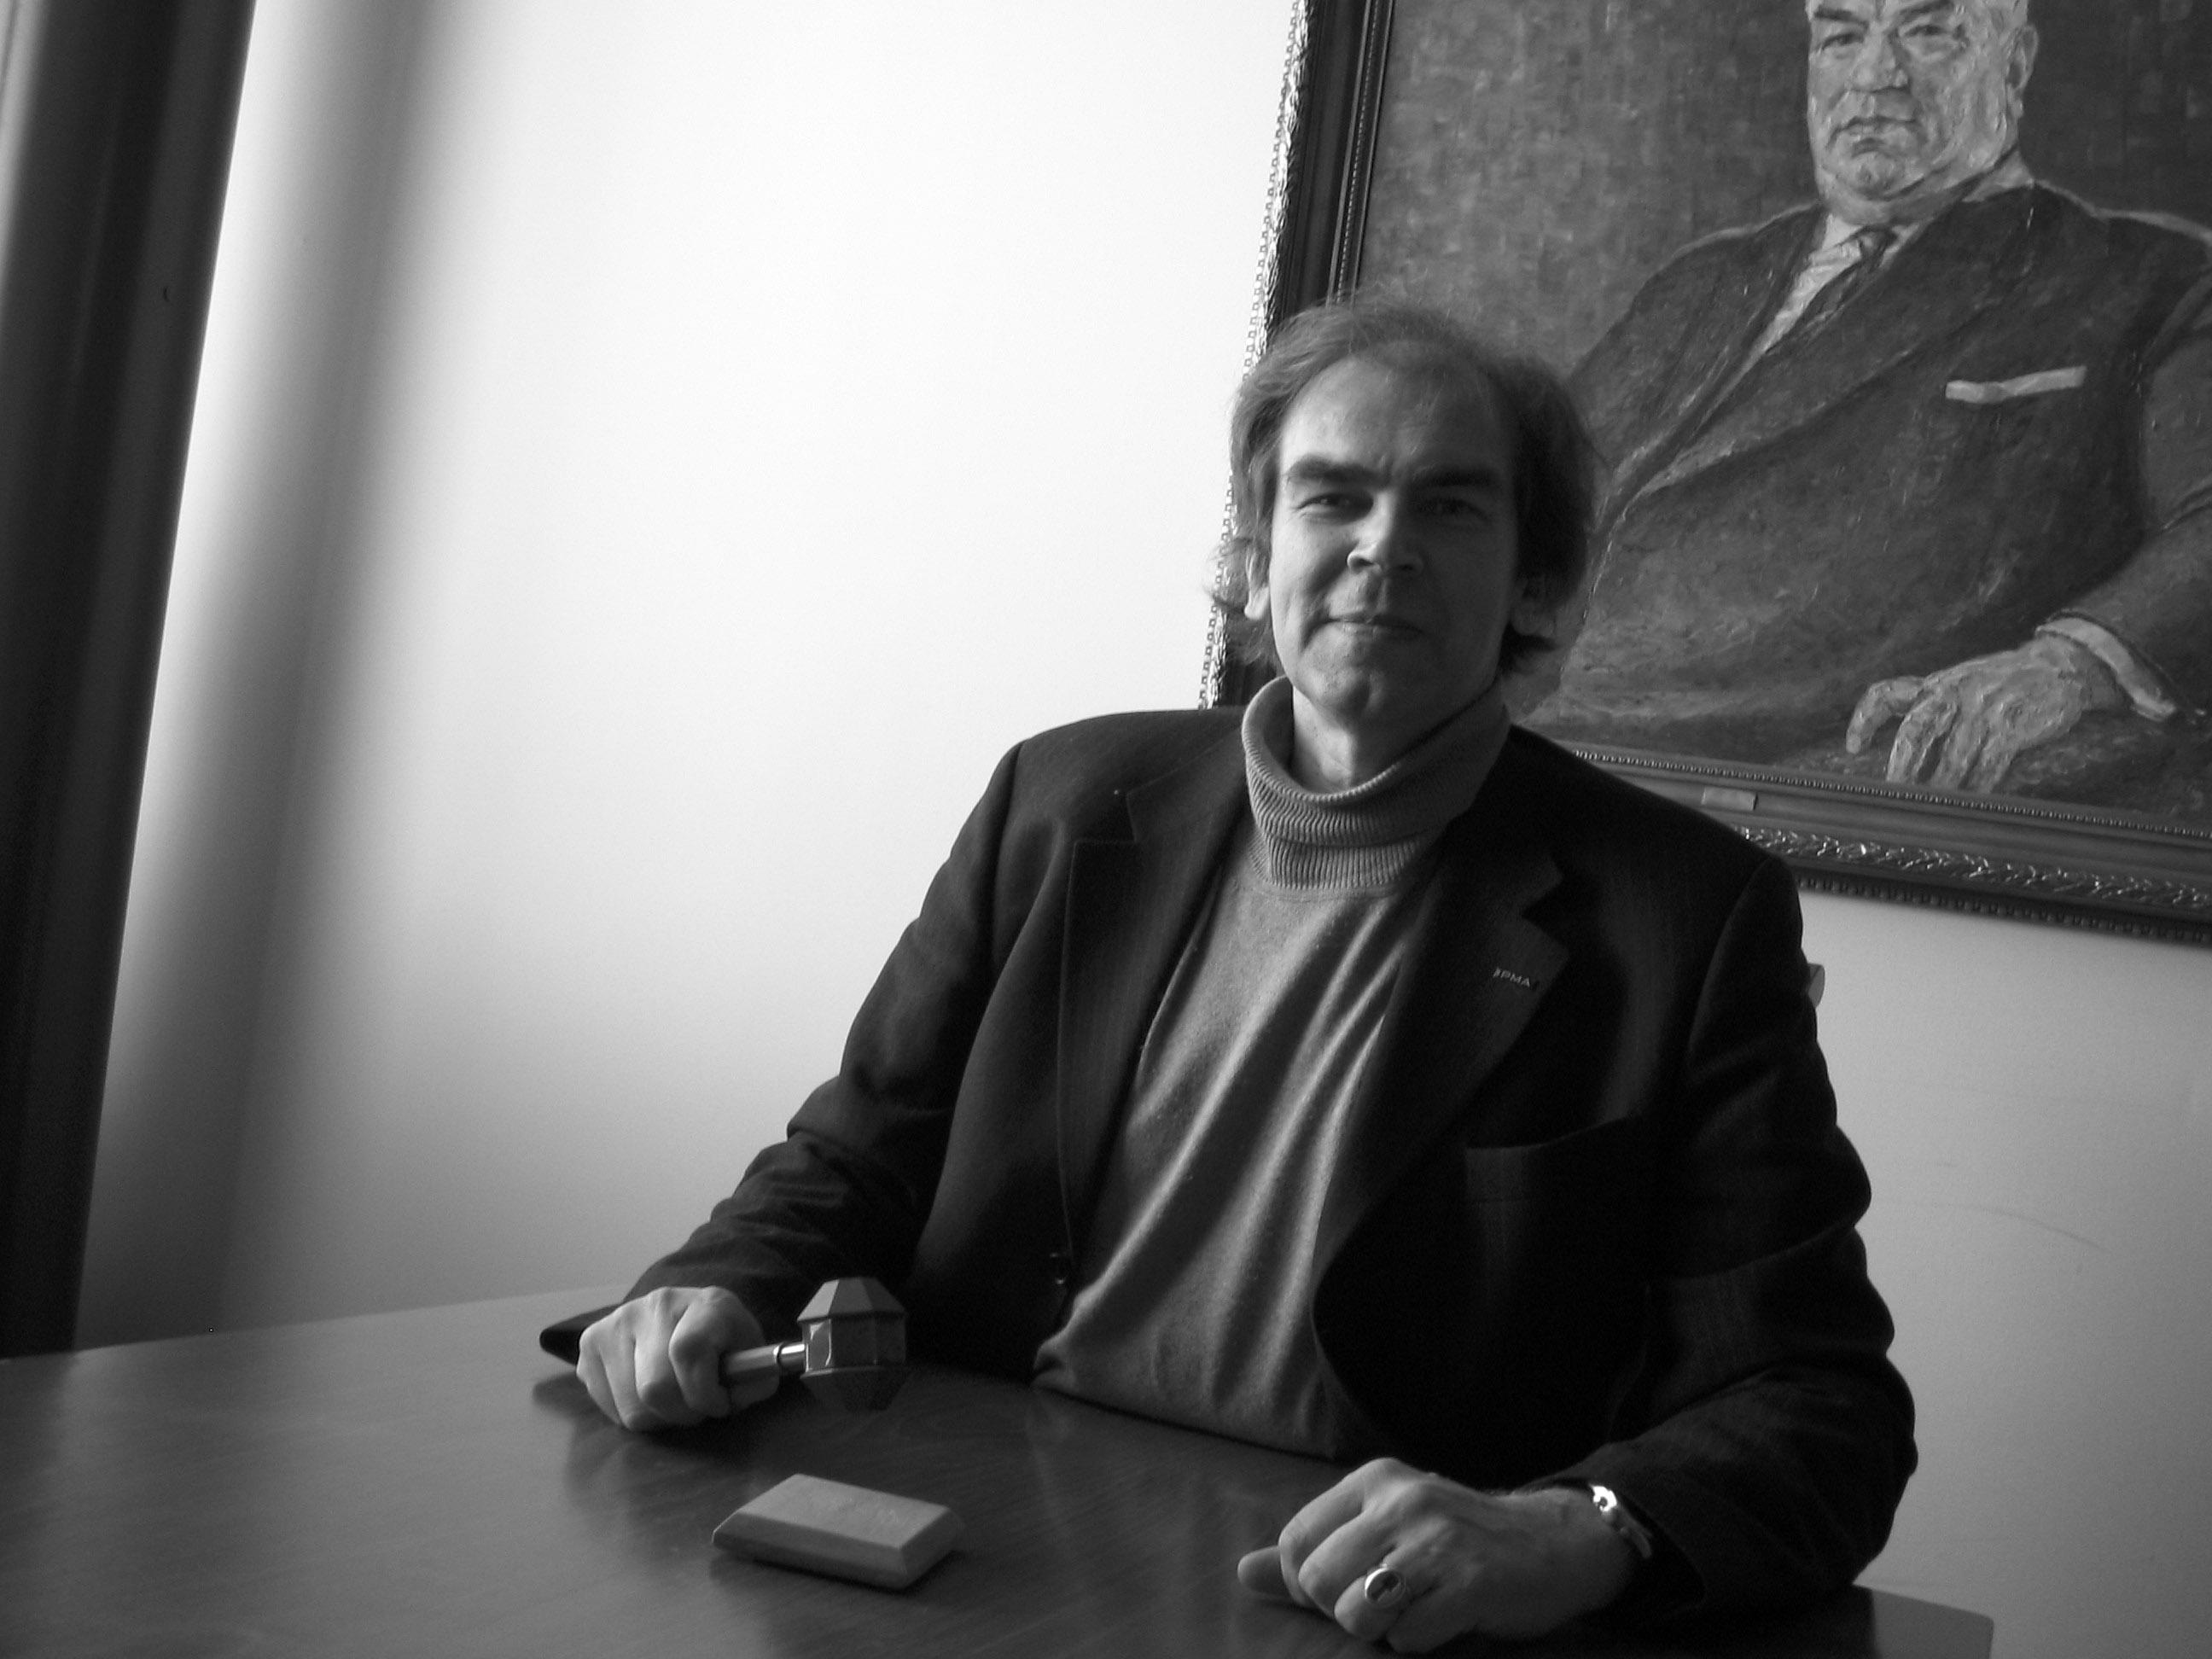 Krys Markovski